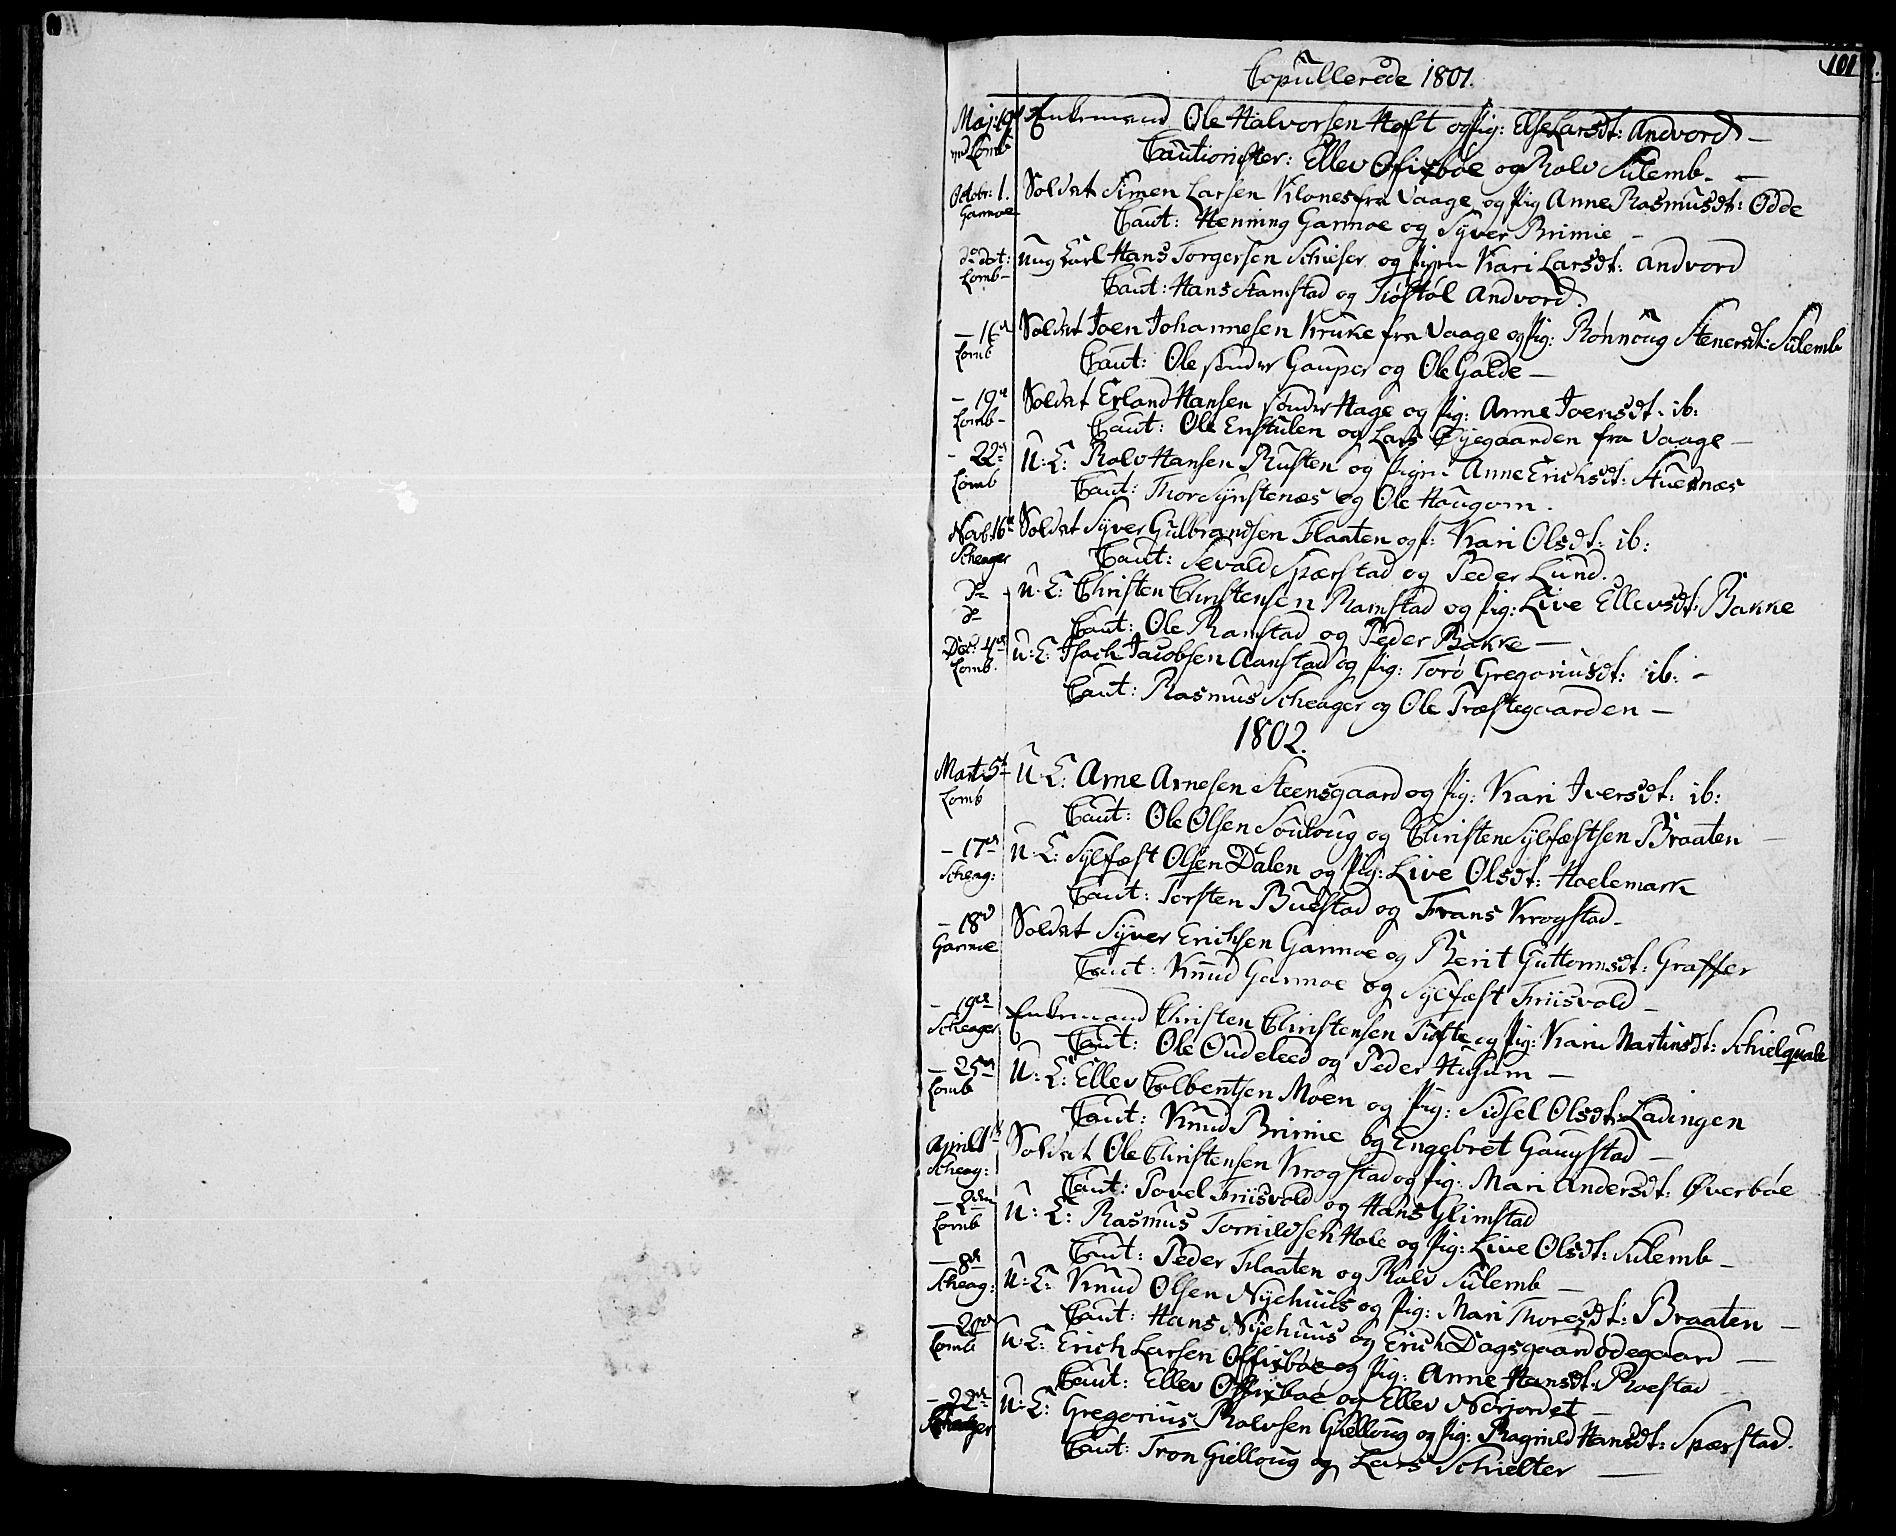 SAH, Lom prestekontor, K/L0003: Ministerialbok nr. 3, 1801-1825, s. 101